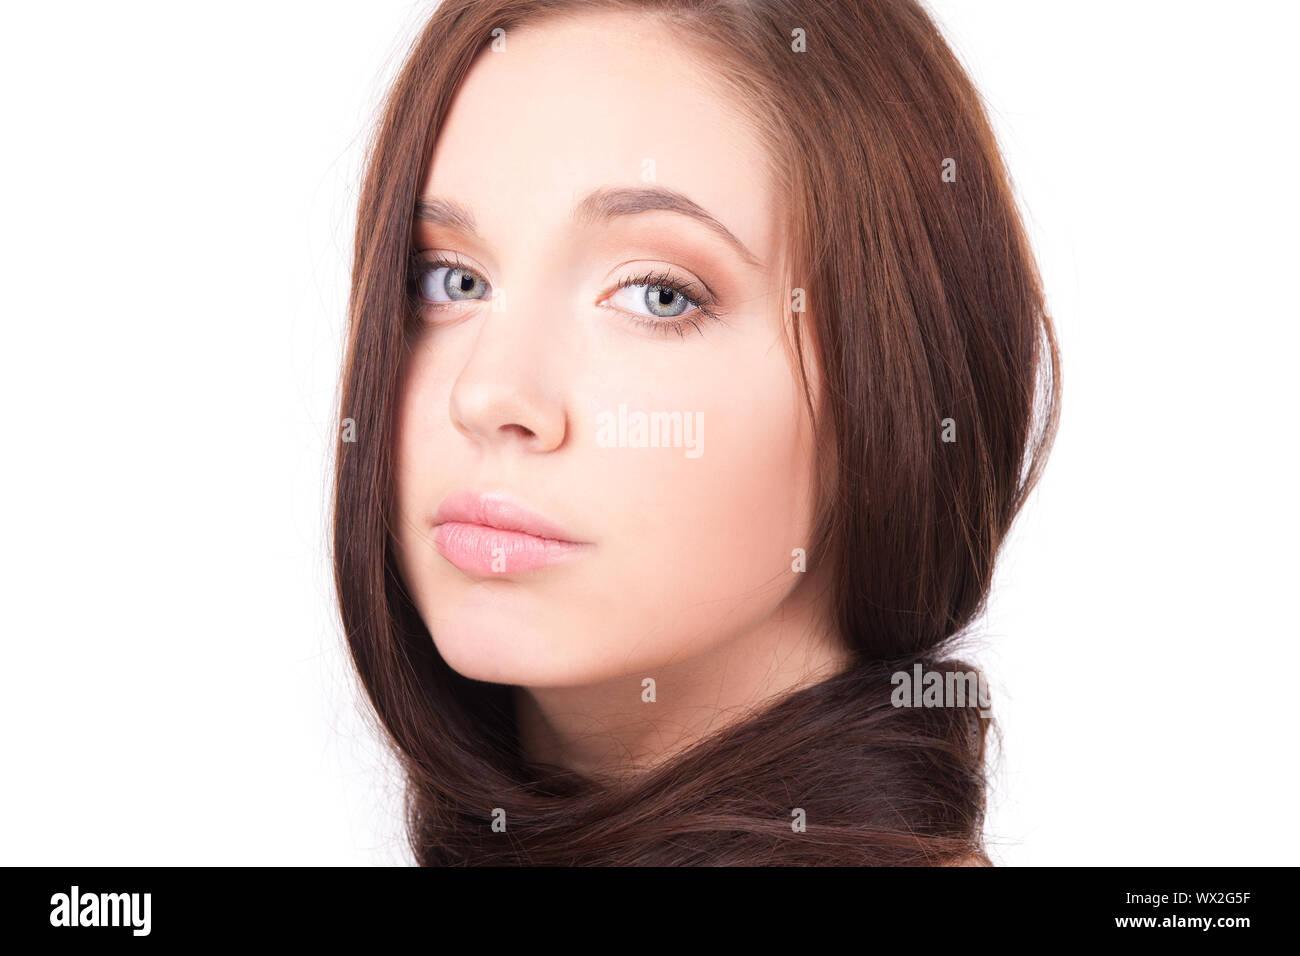 Braune haare mädchen 15 jahre hübsches Sunshine